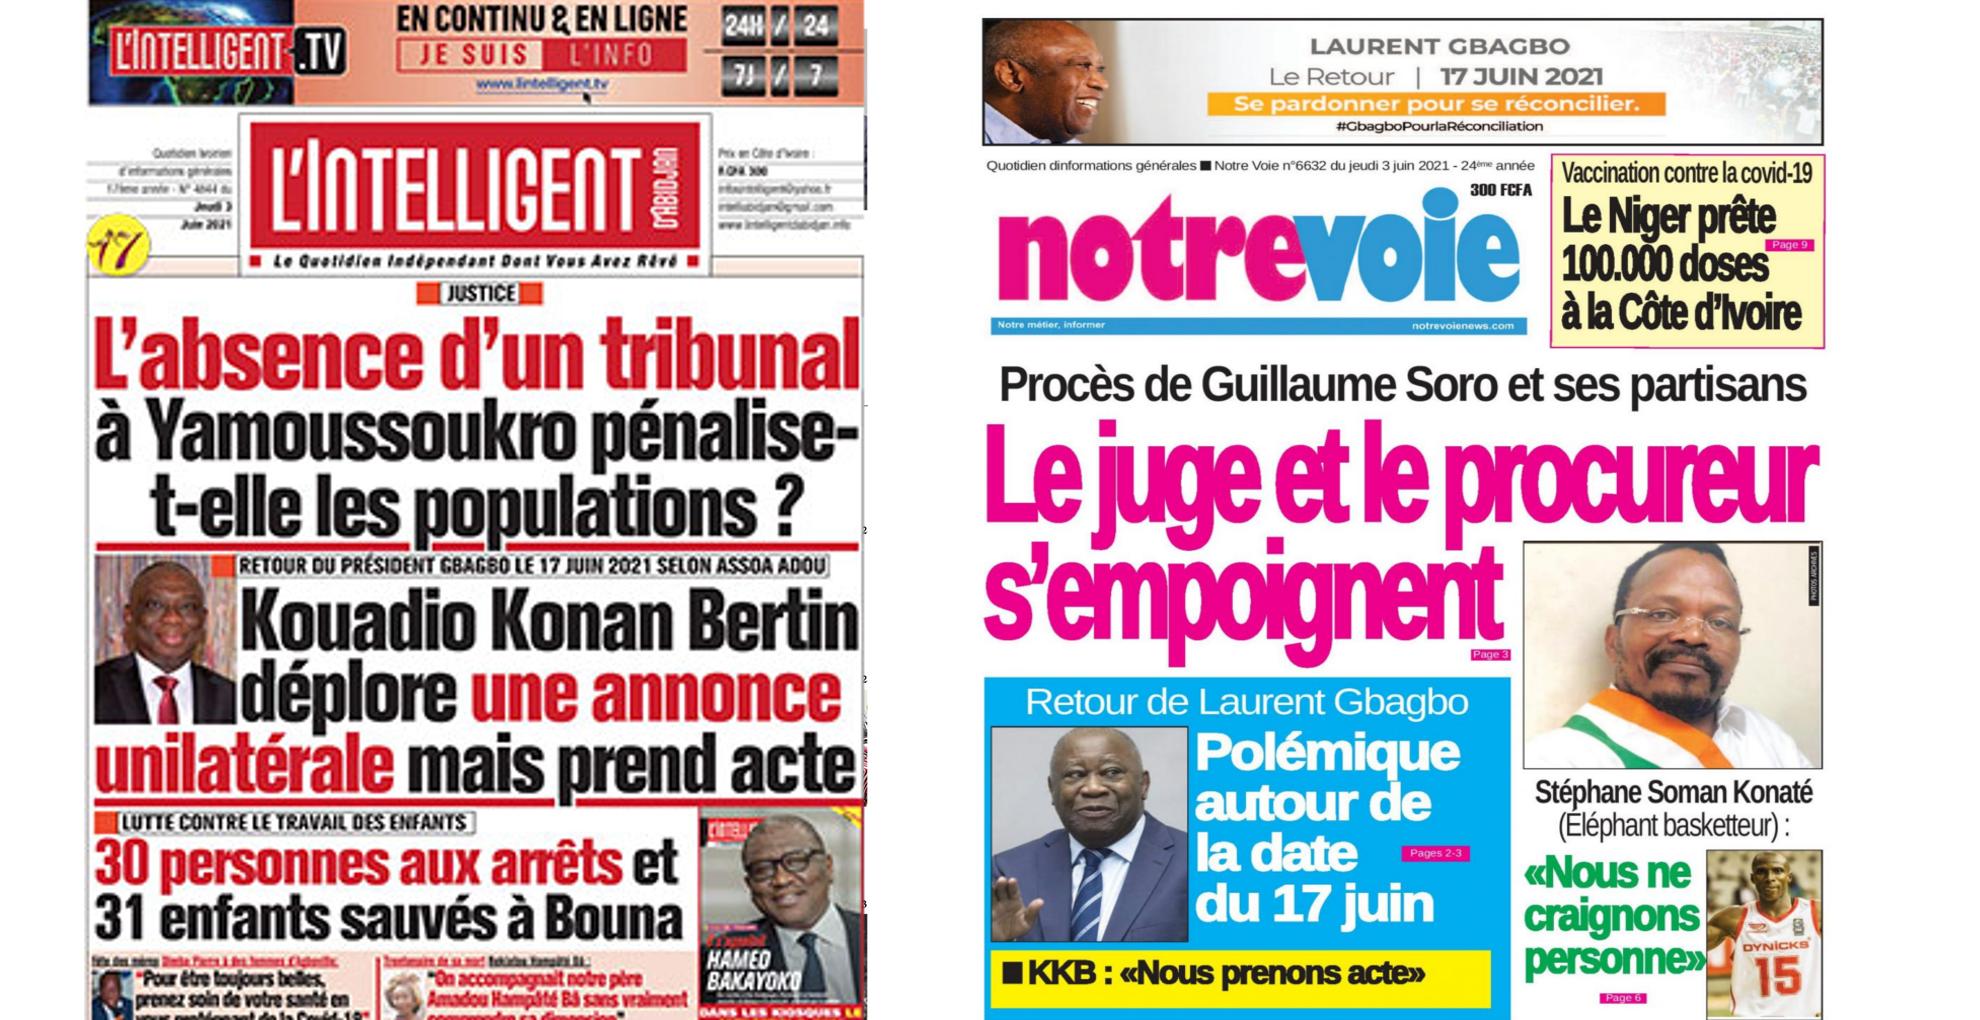 Une journaux Côte d'Ivoire